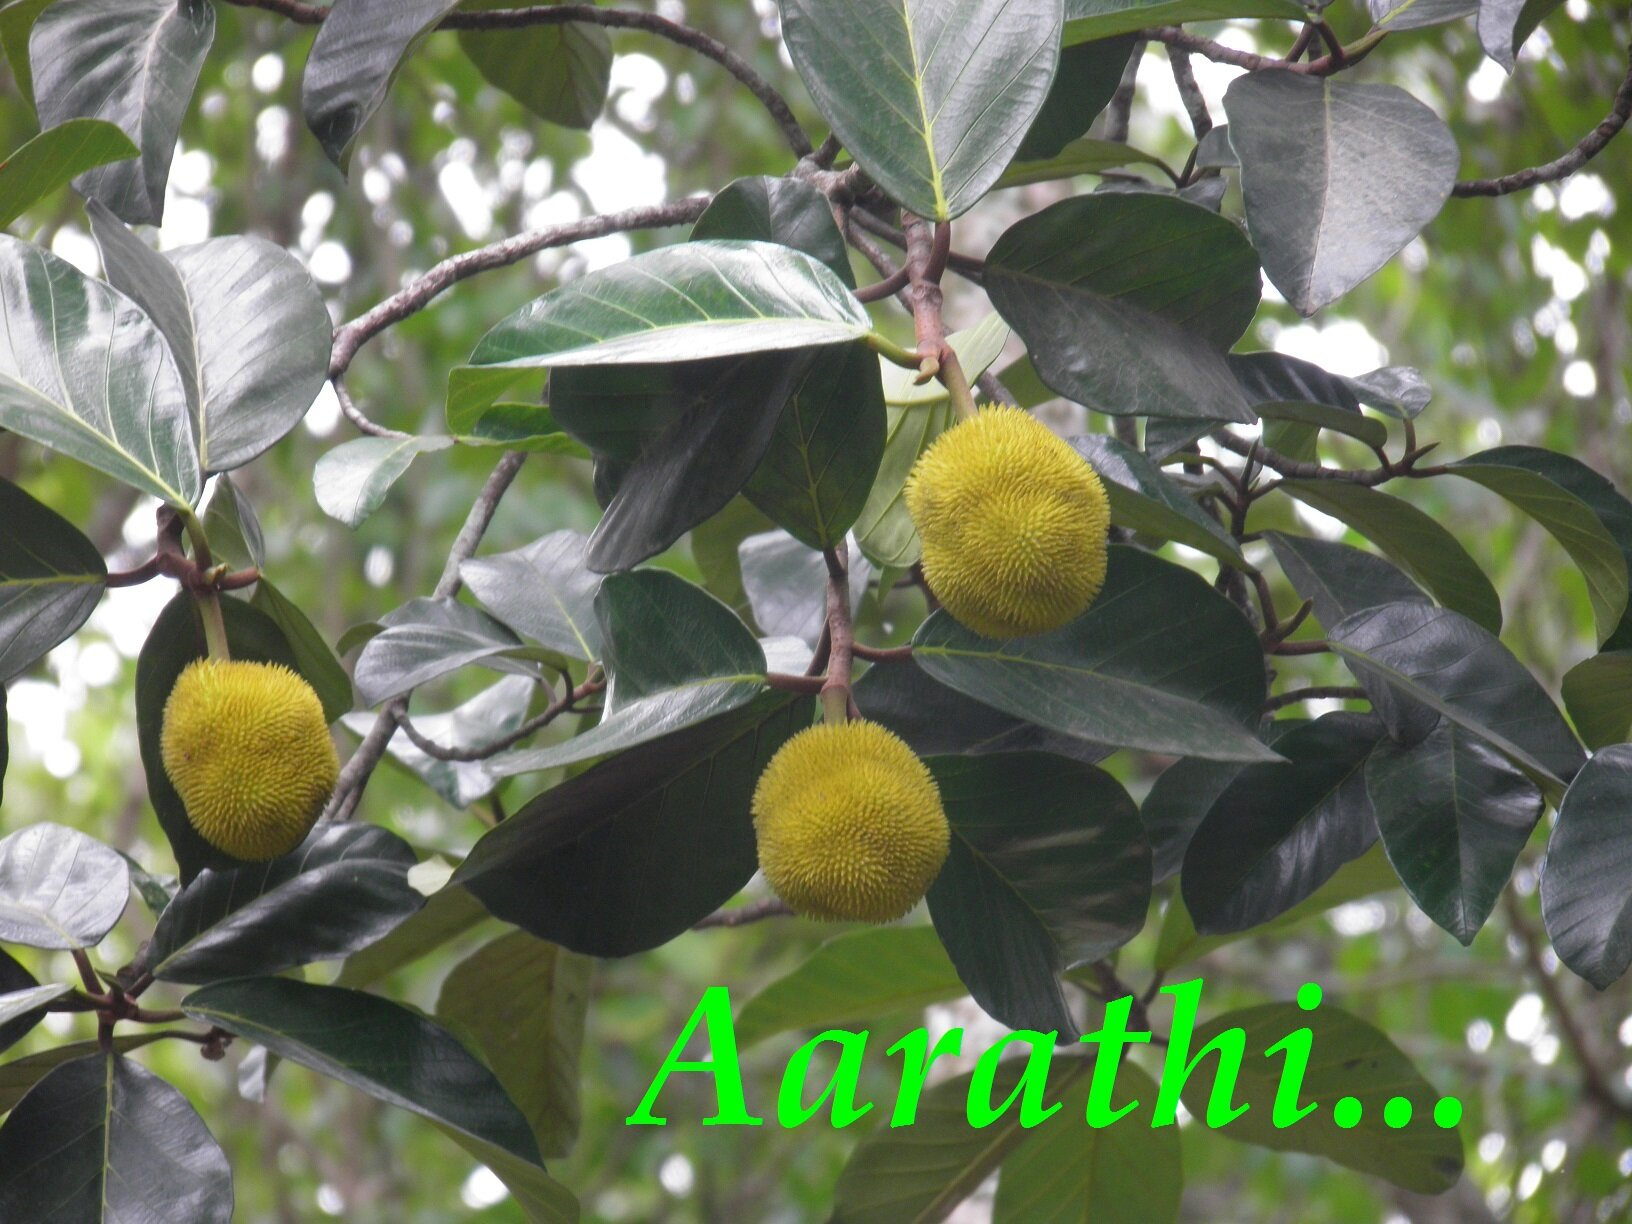 Pulinchakka - Artocarpus lakoocha